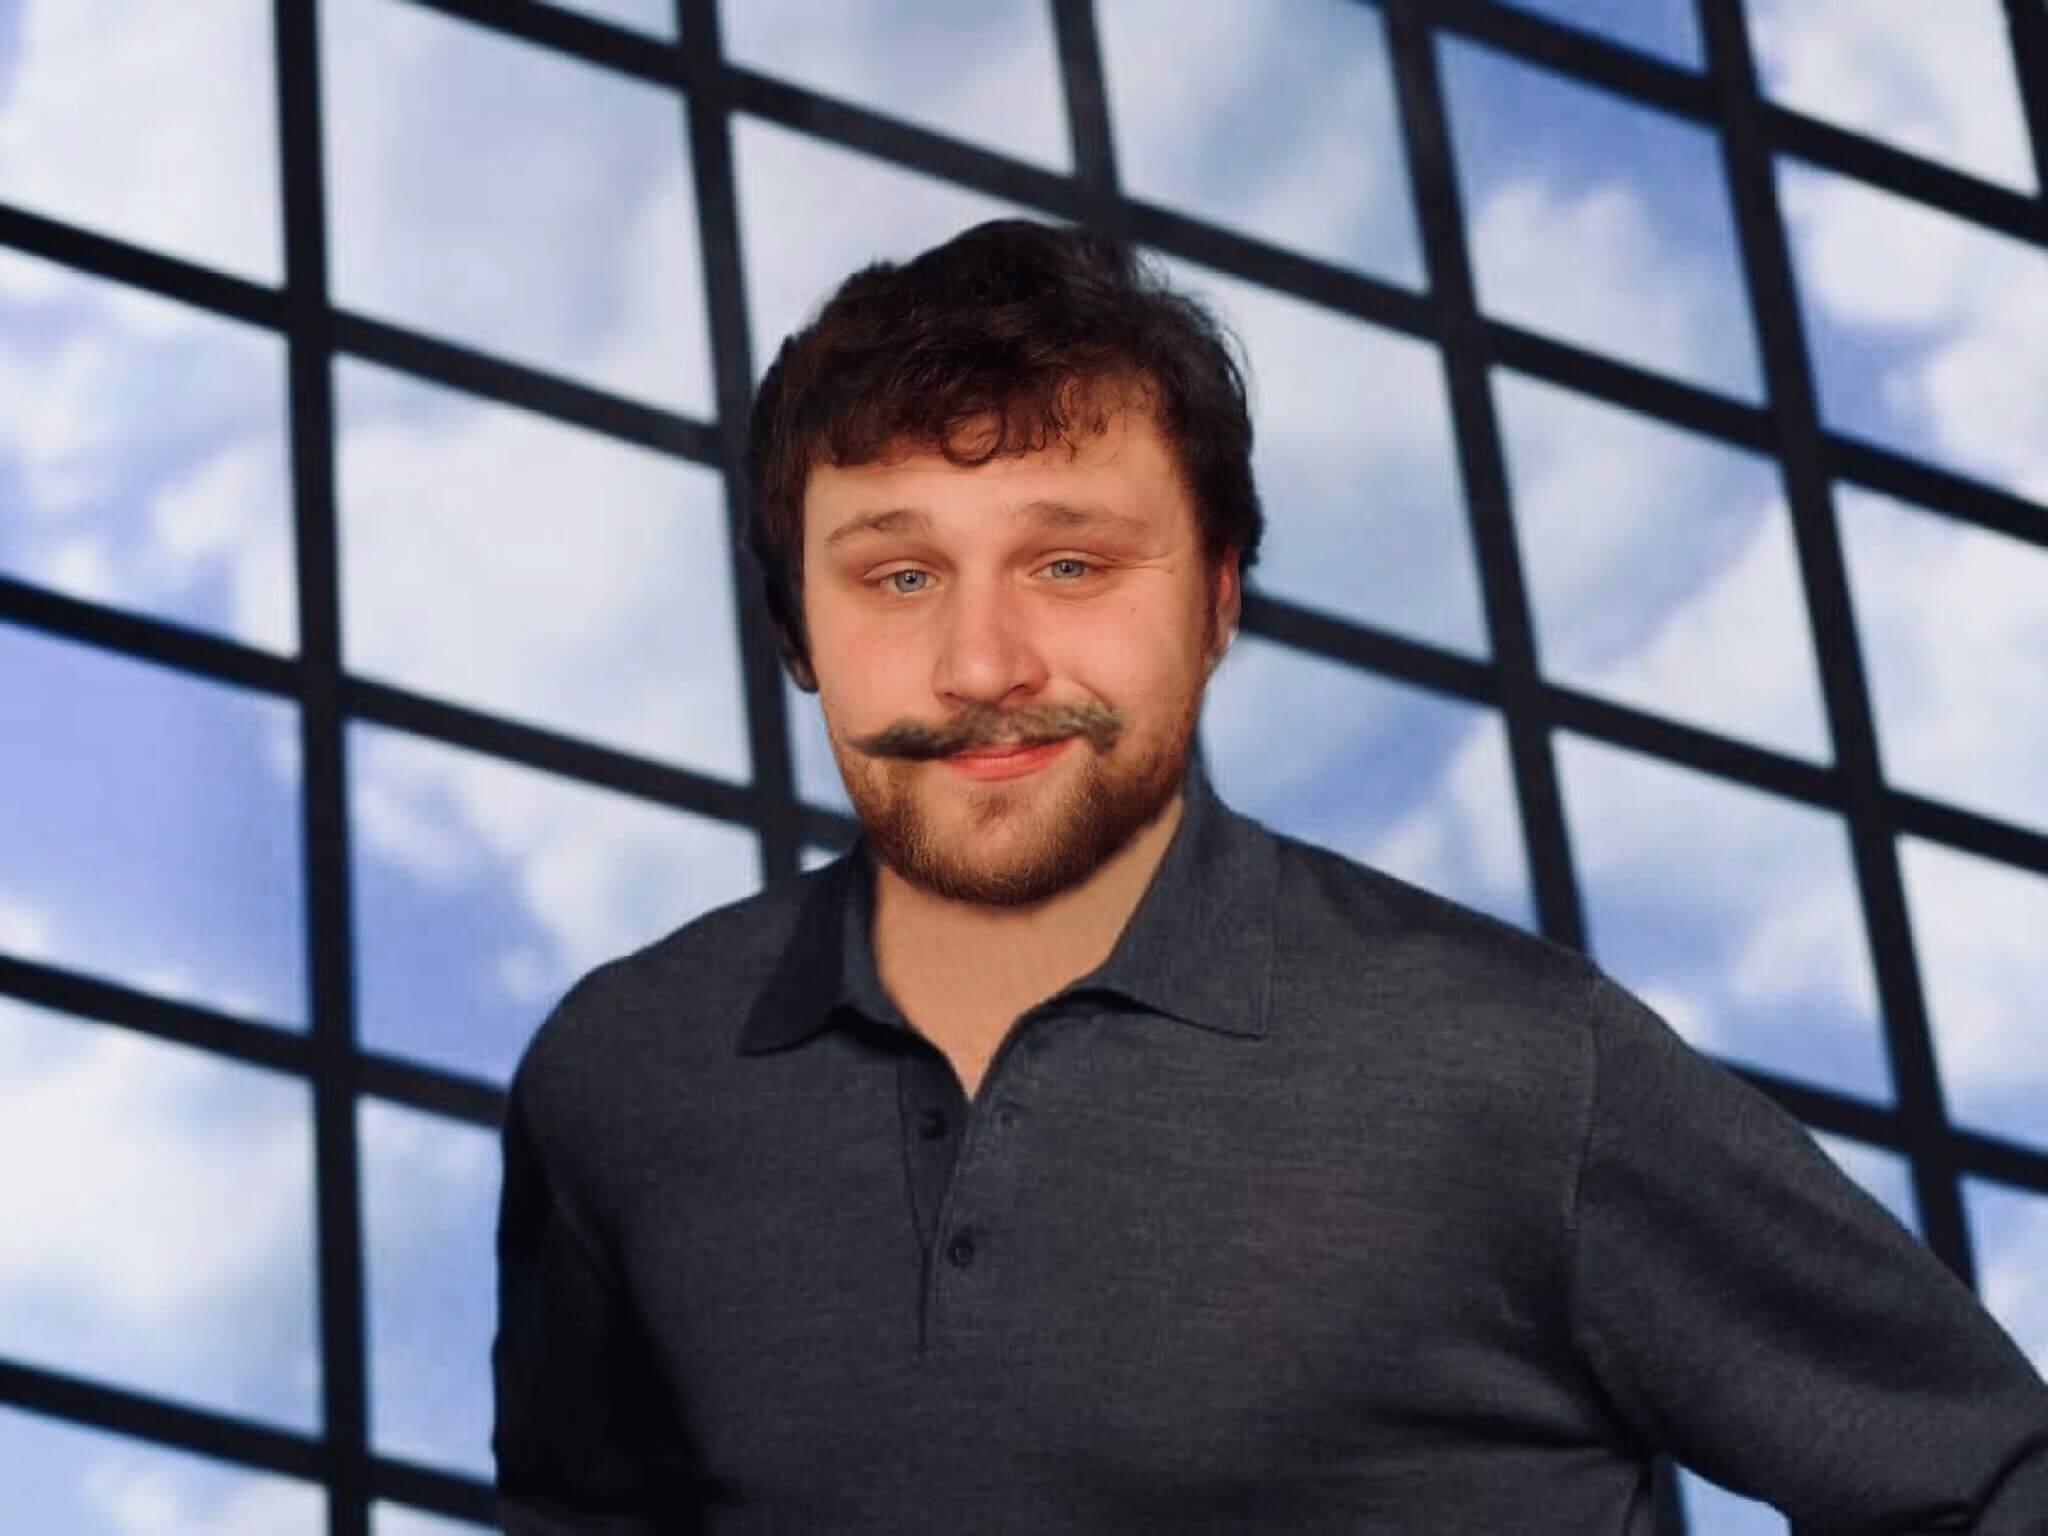 Alonzo Rivera